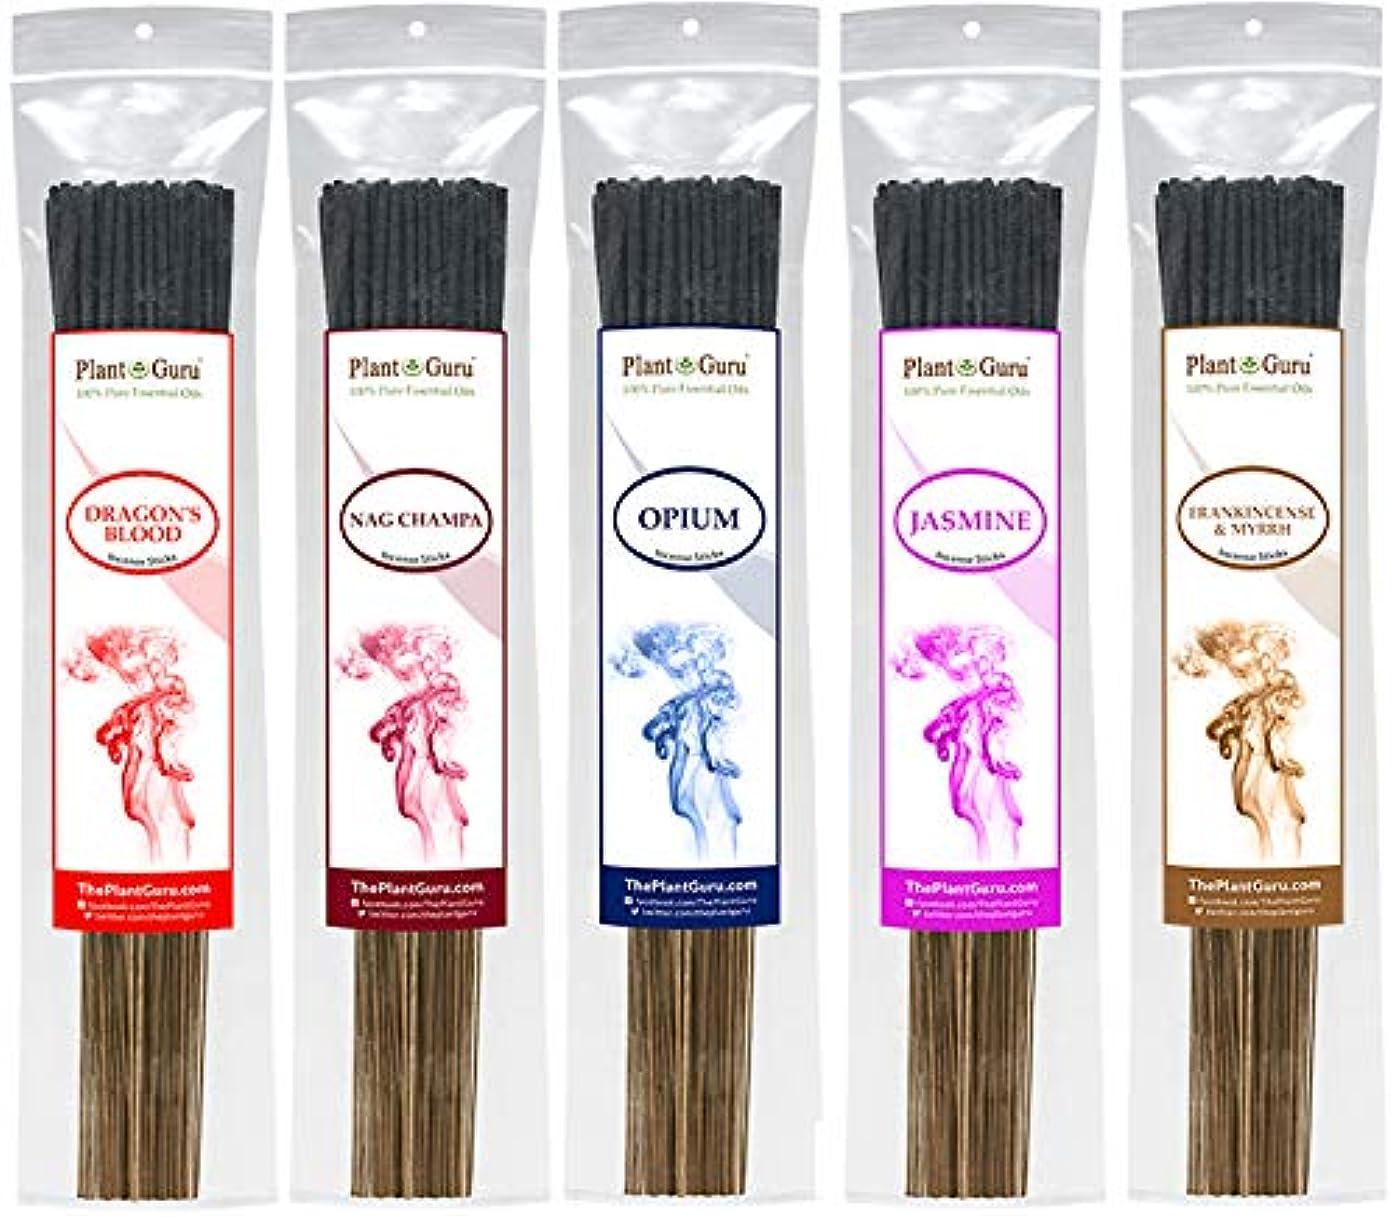 黒くする特権的連隊IncenseサンプラーセットエキゾチックIncense Sticks 925グラムスティック数合計425 to 500 Sticksプレミアム品質Smooth Clean Burn各スティックは10.5インチ長Burn...